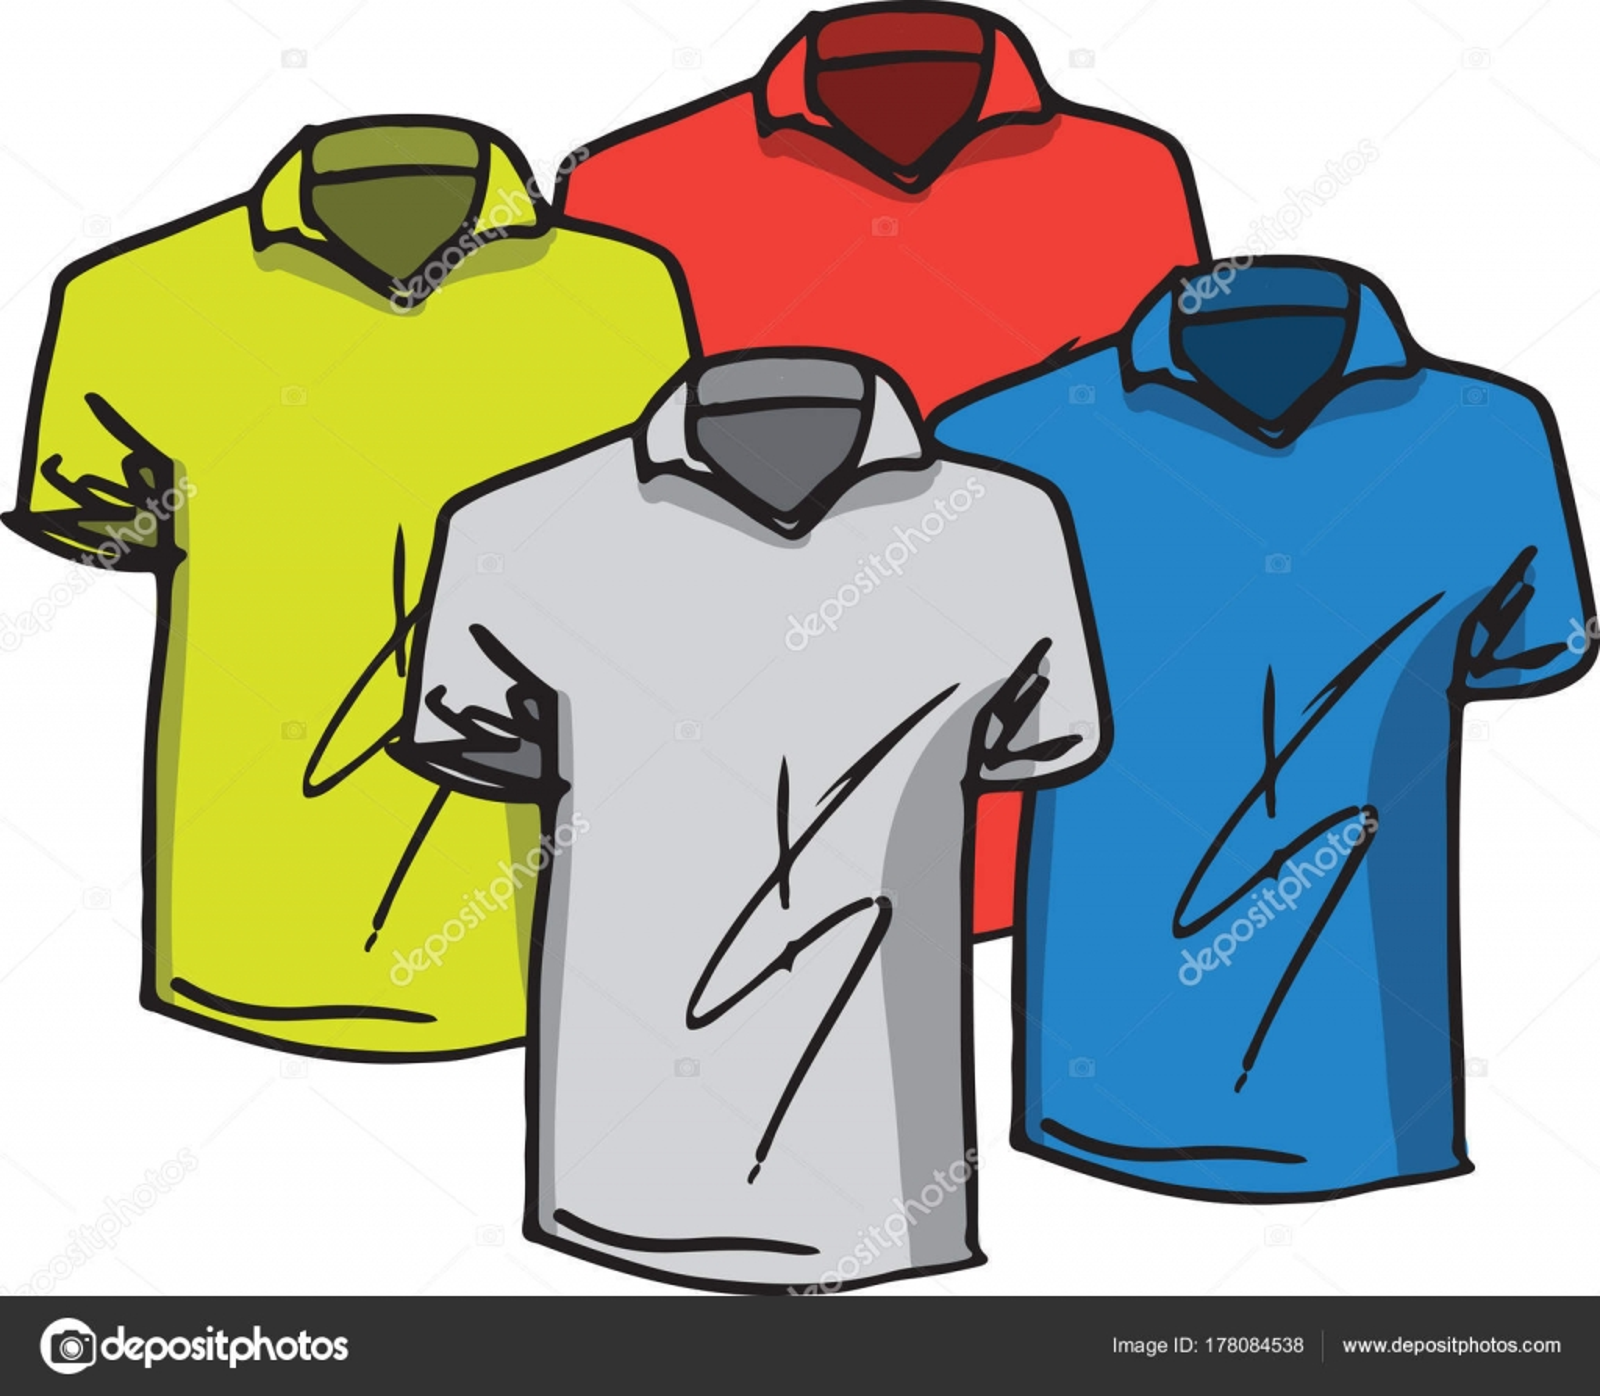 43958cdae88b Διάνυσμα t-shirts πρότυπα — Διανυσματικό Αρχείο © aroas  178084538